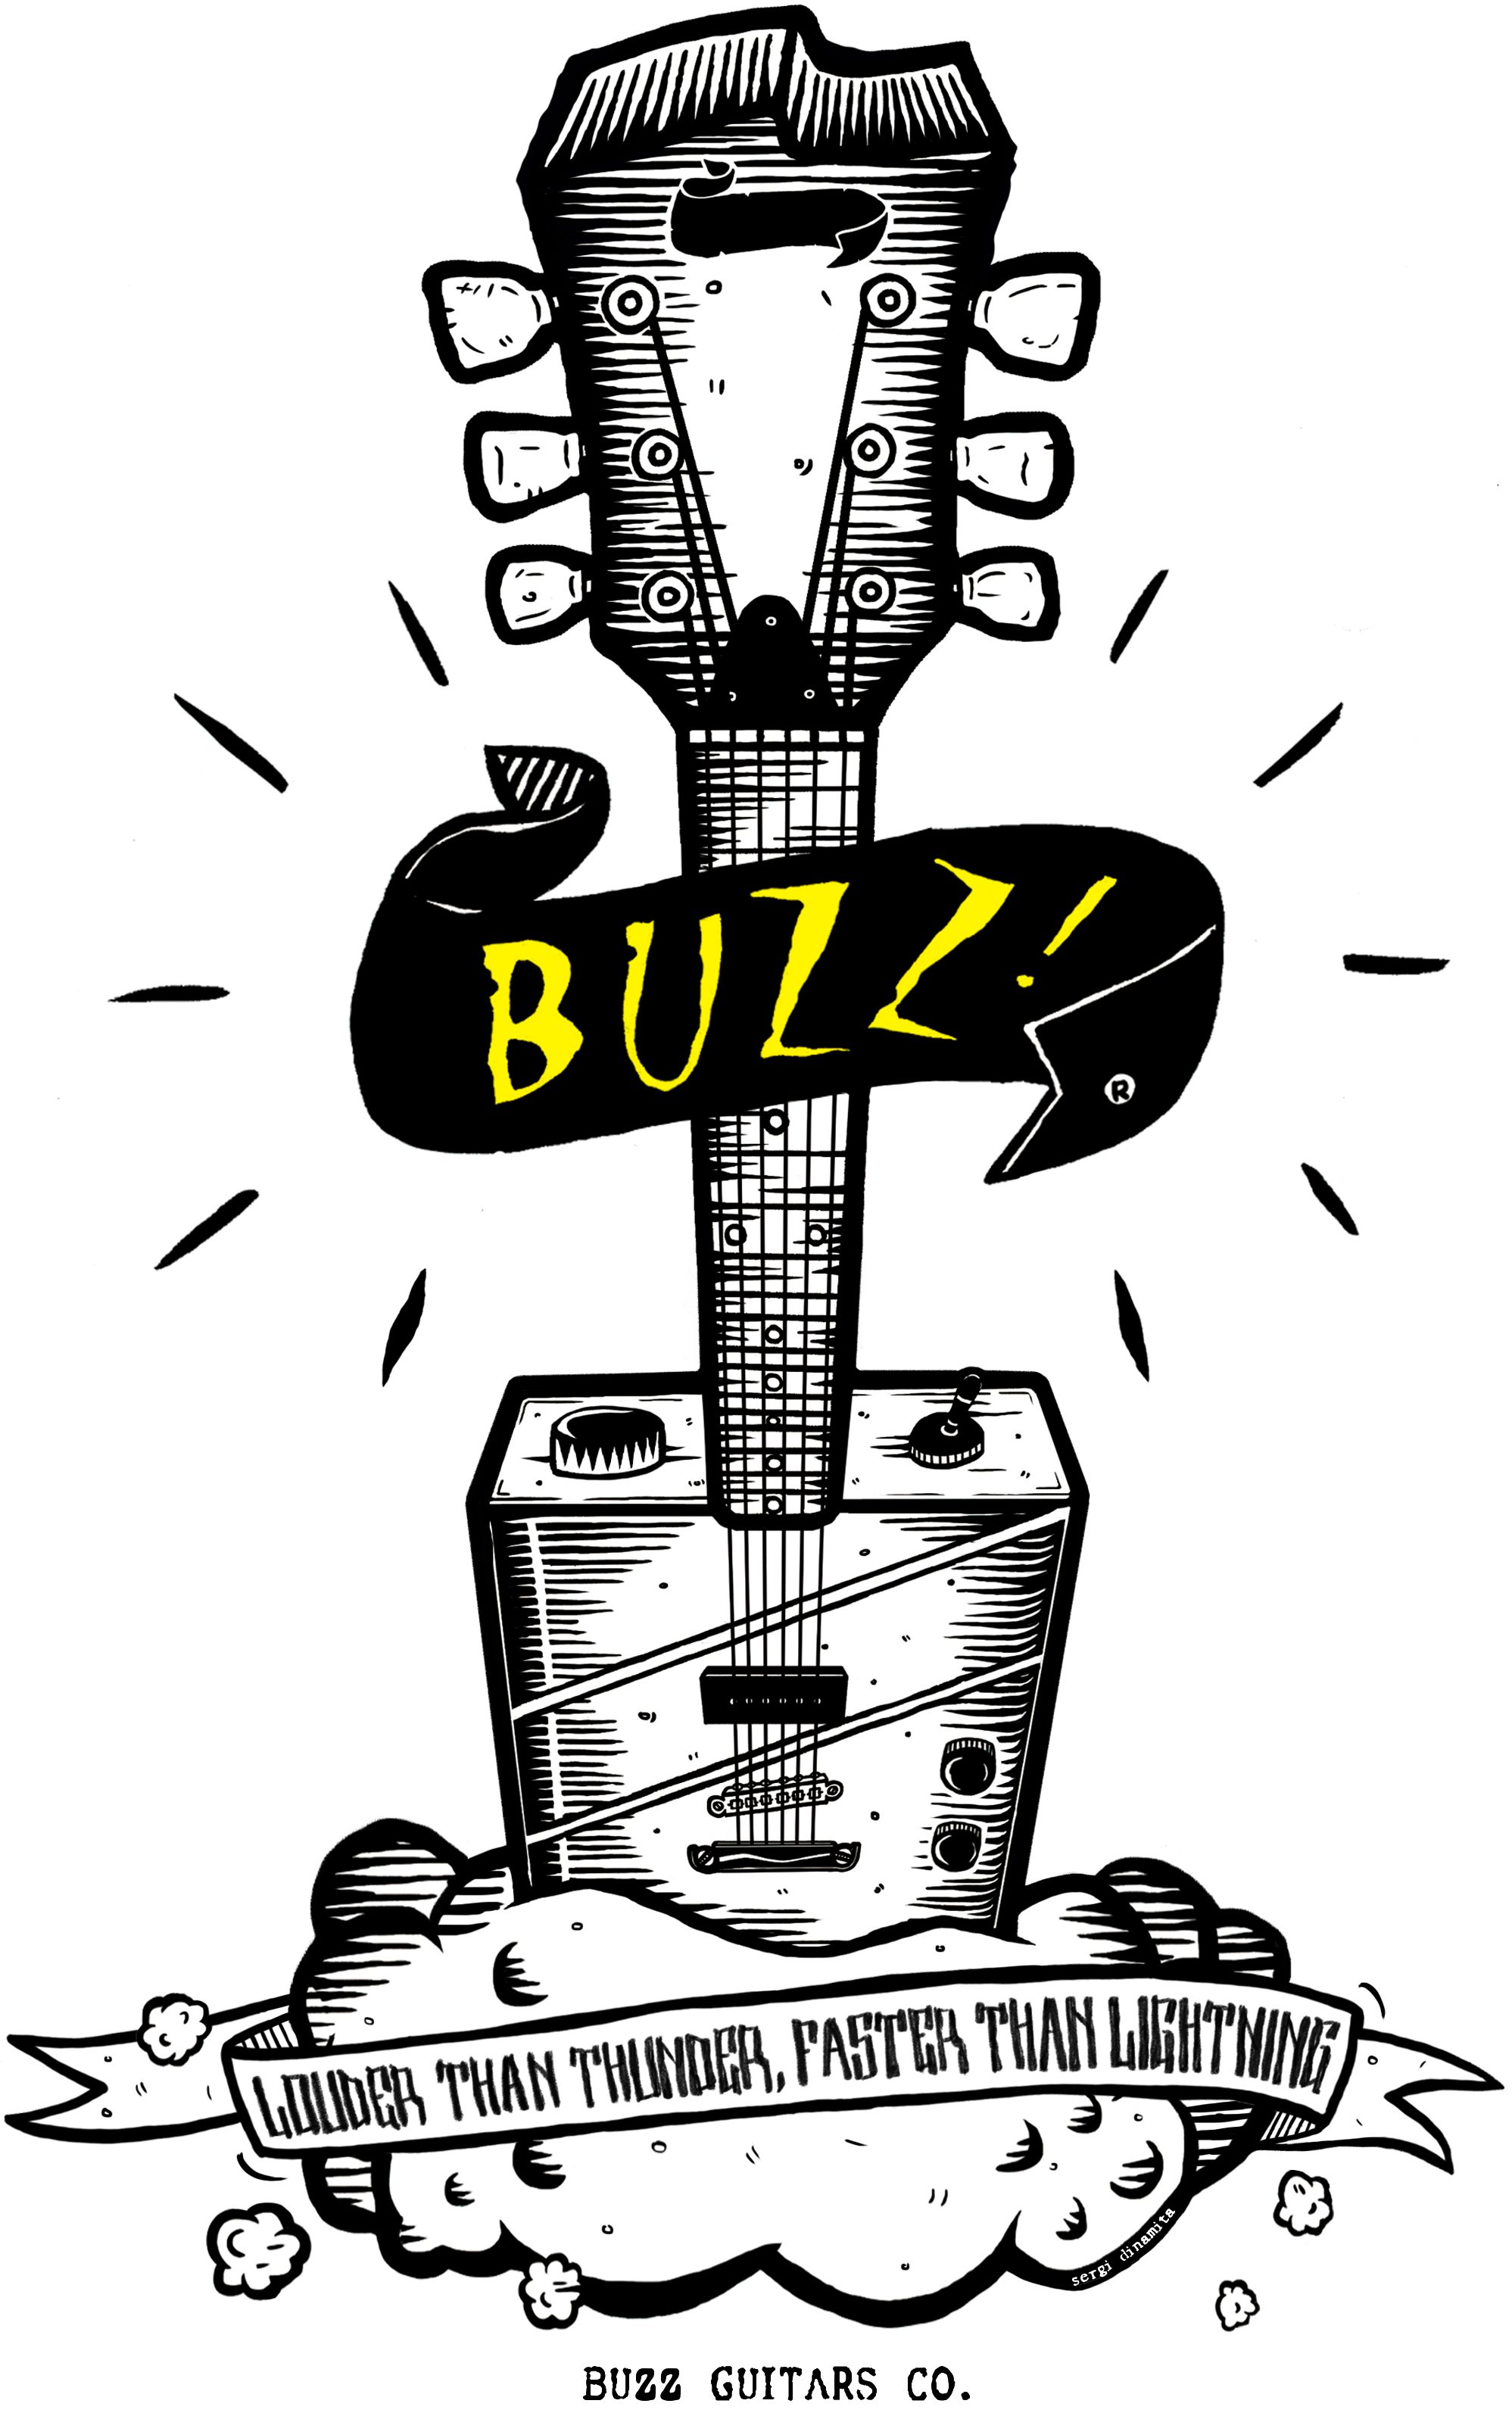 Bass Guitars Buzz Guitars